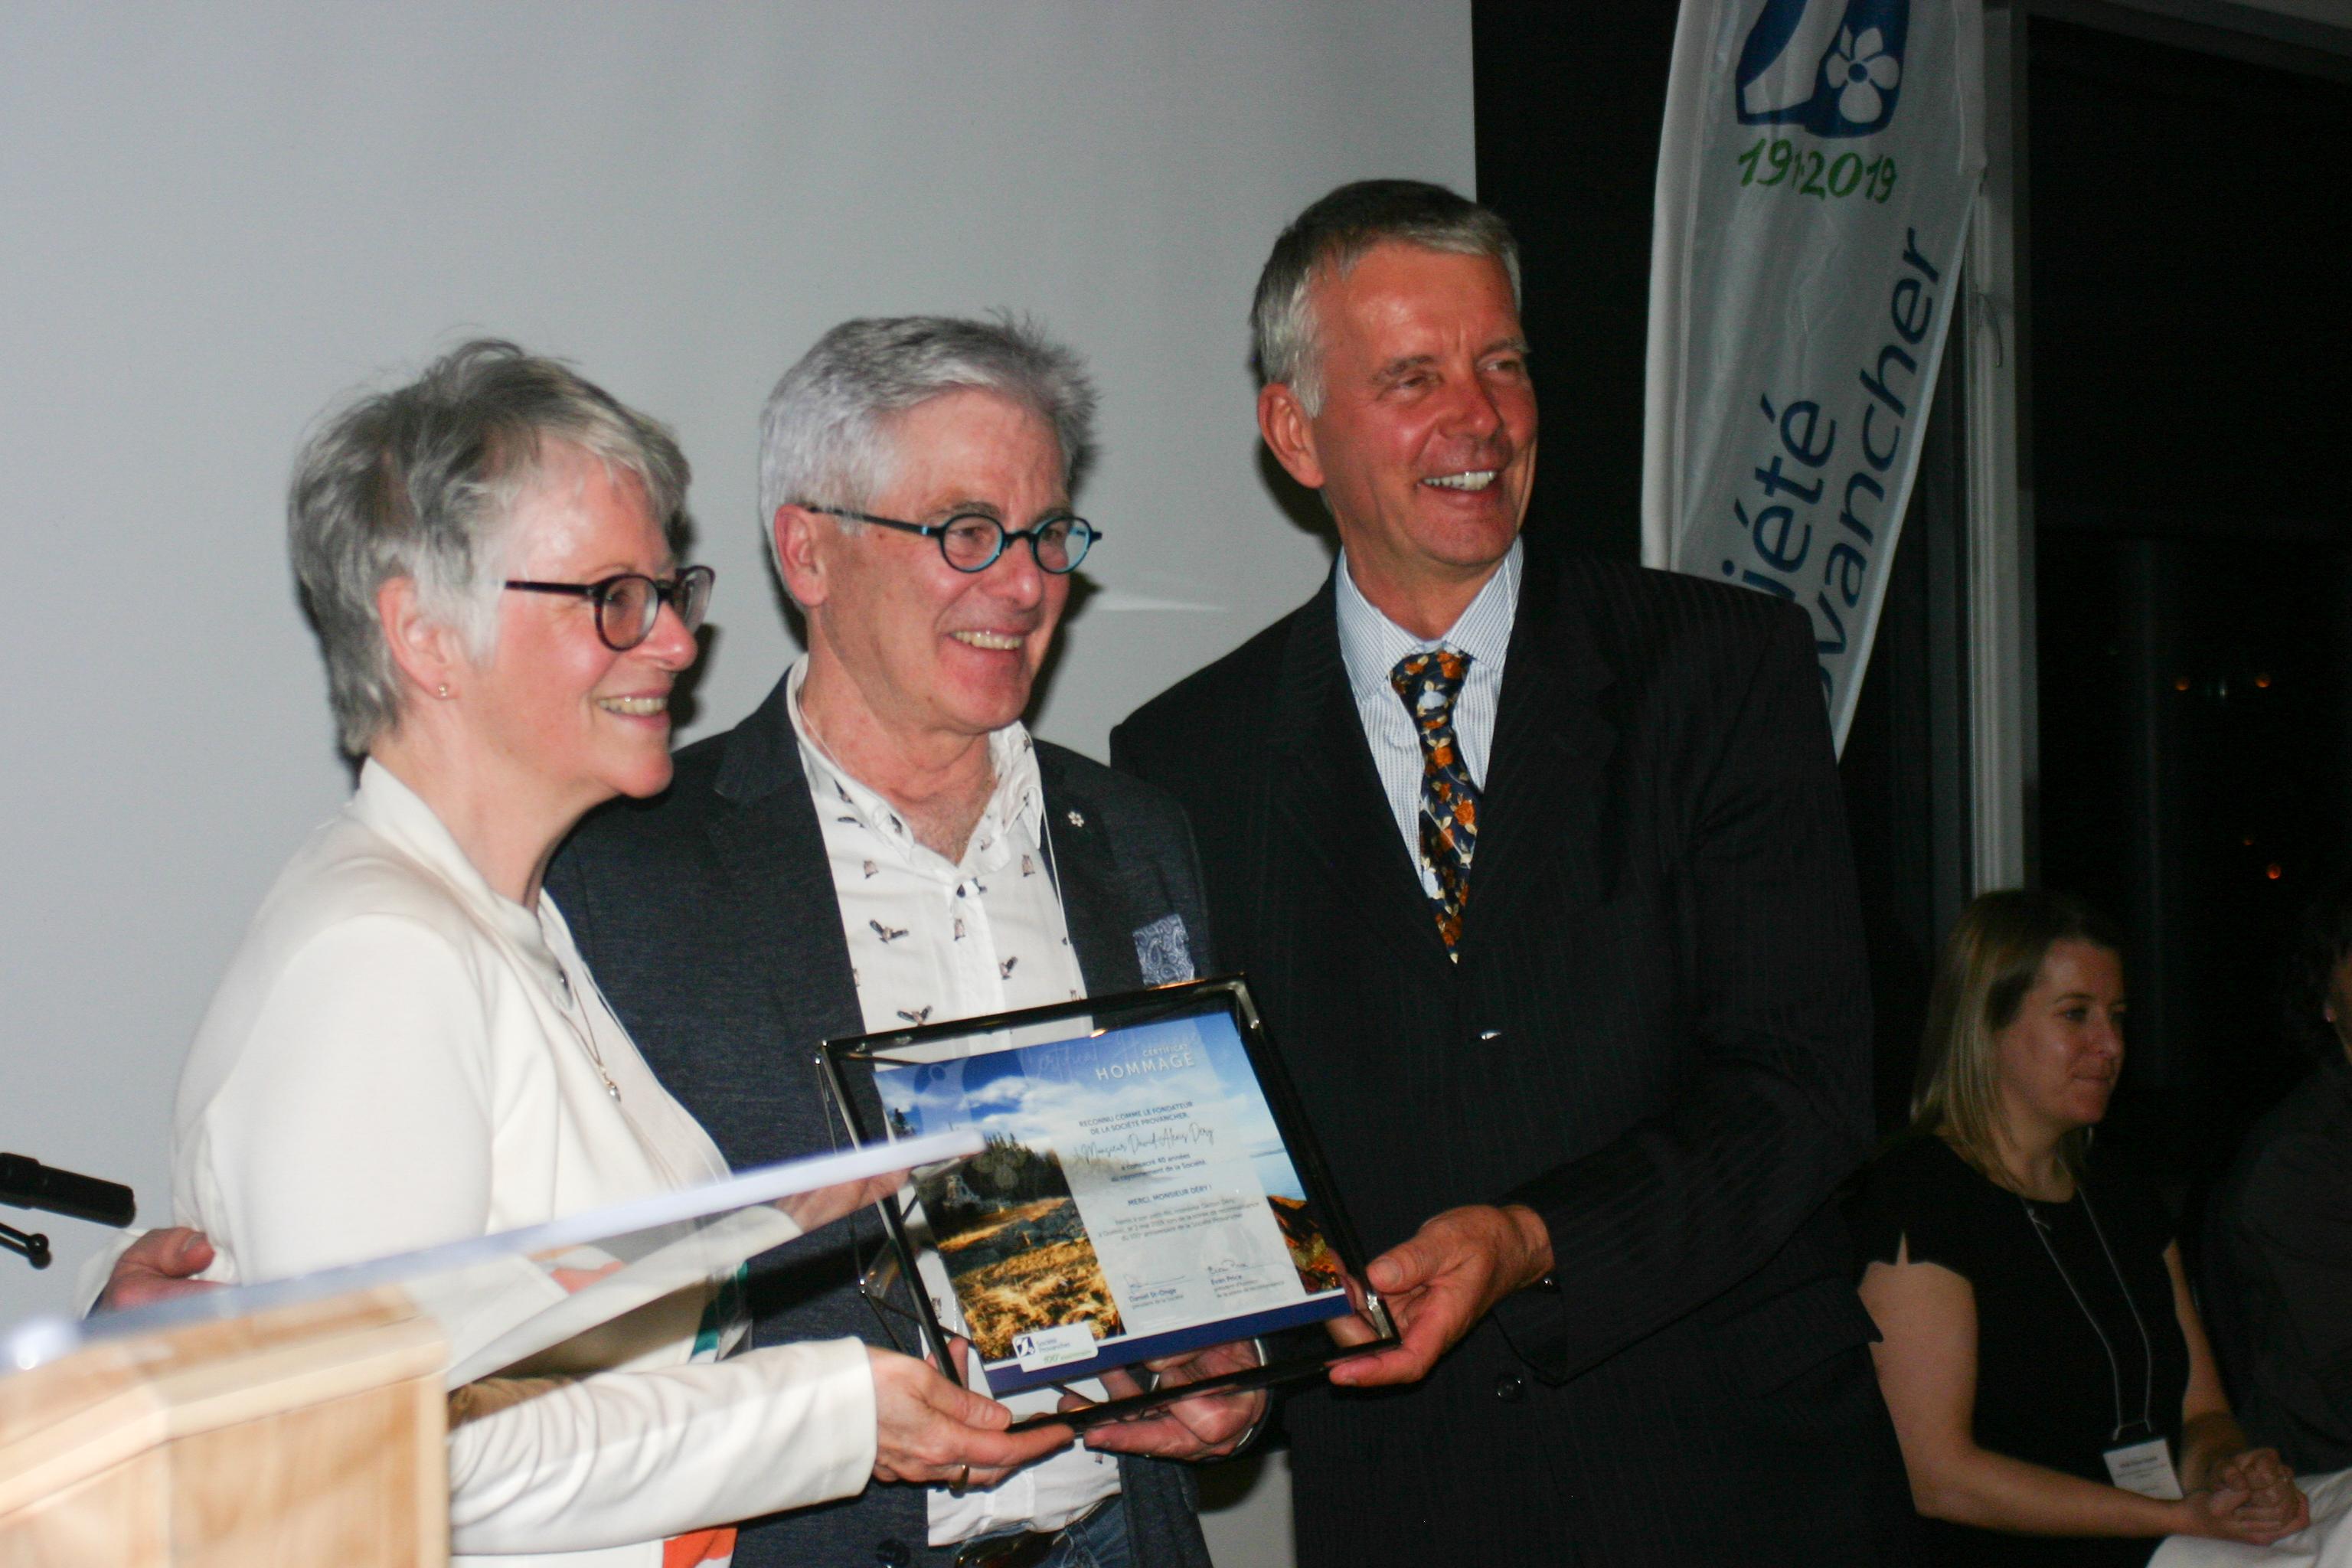 Remise d'un certificat de reconnaissance à monsieur Gaston Déry par les deux vice-présidents de la Société Provancher, madame Élisabeth Bossert et monsieur Jean Tremblay. Photo: Marianne Kugler